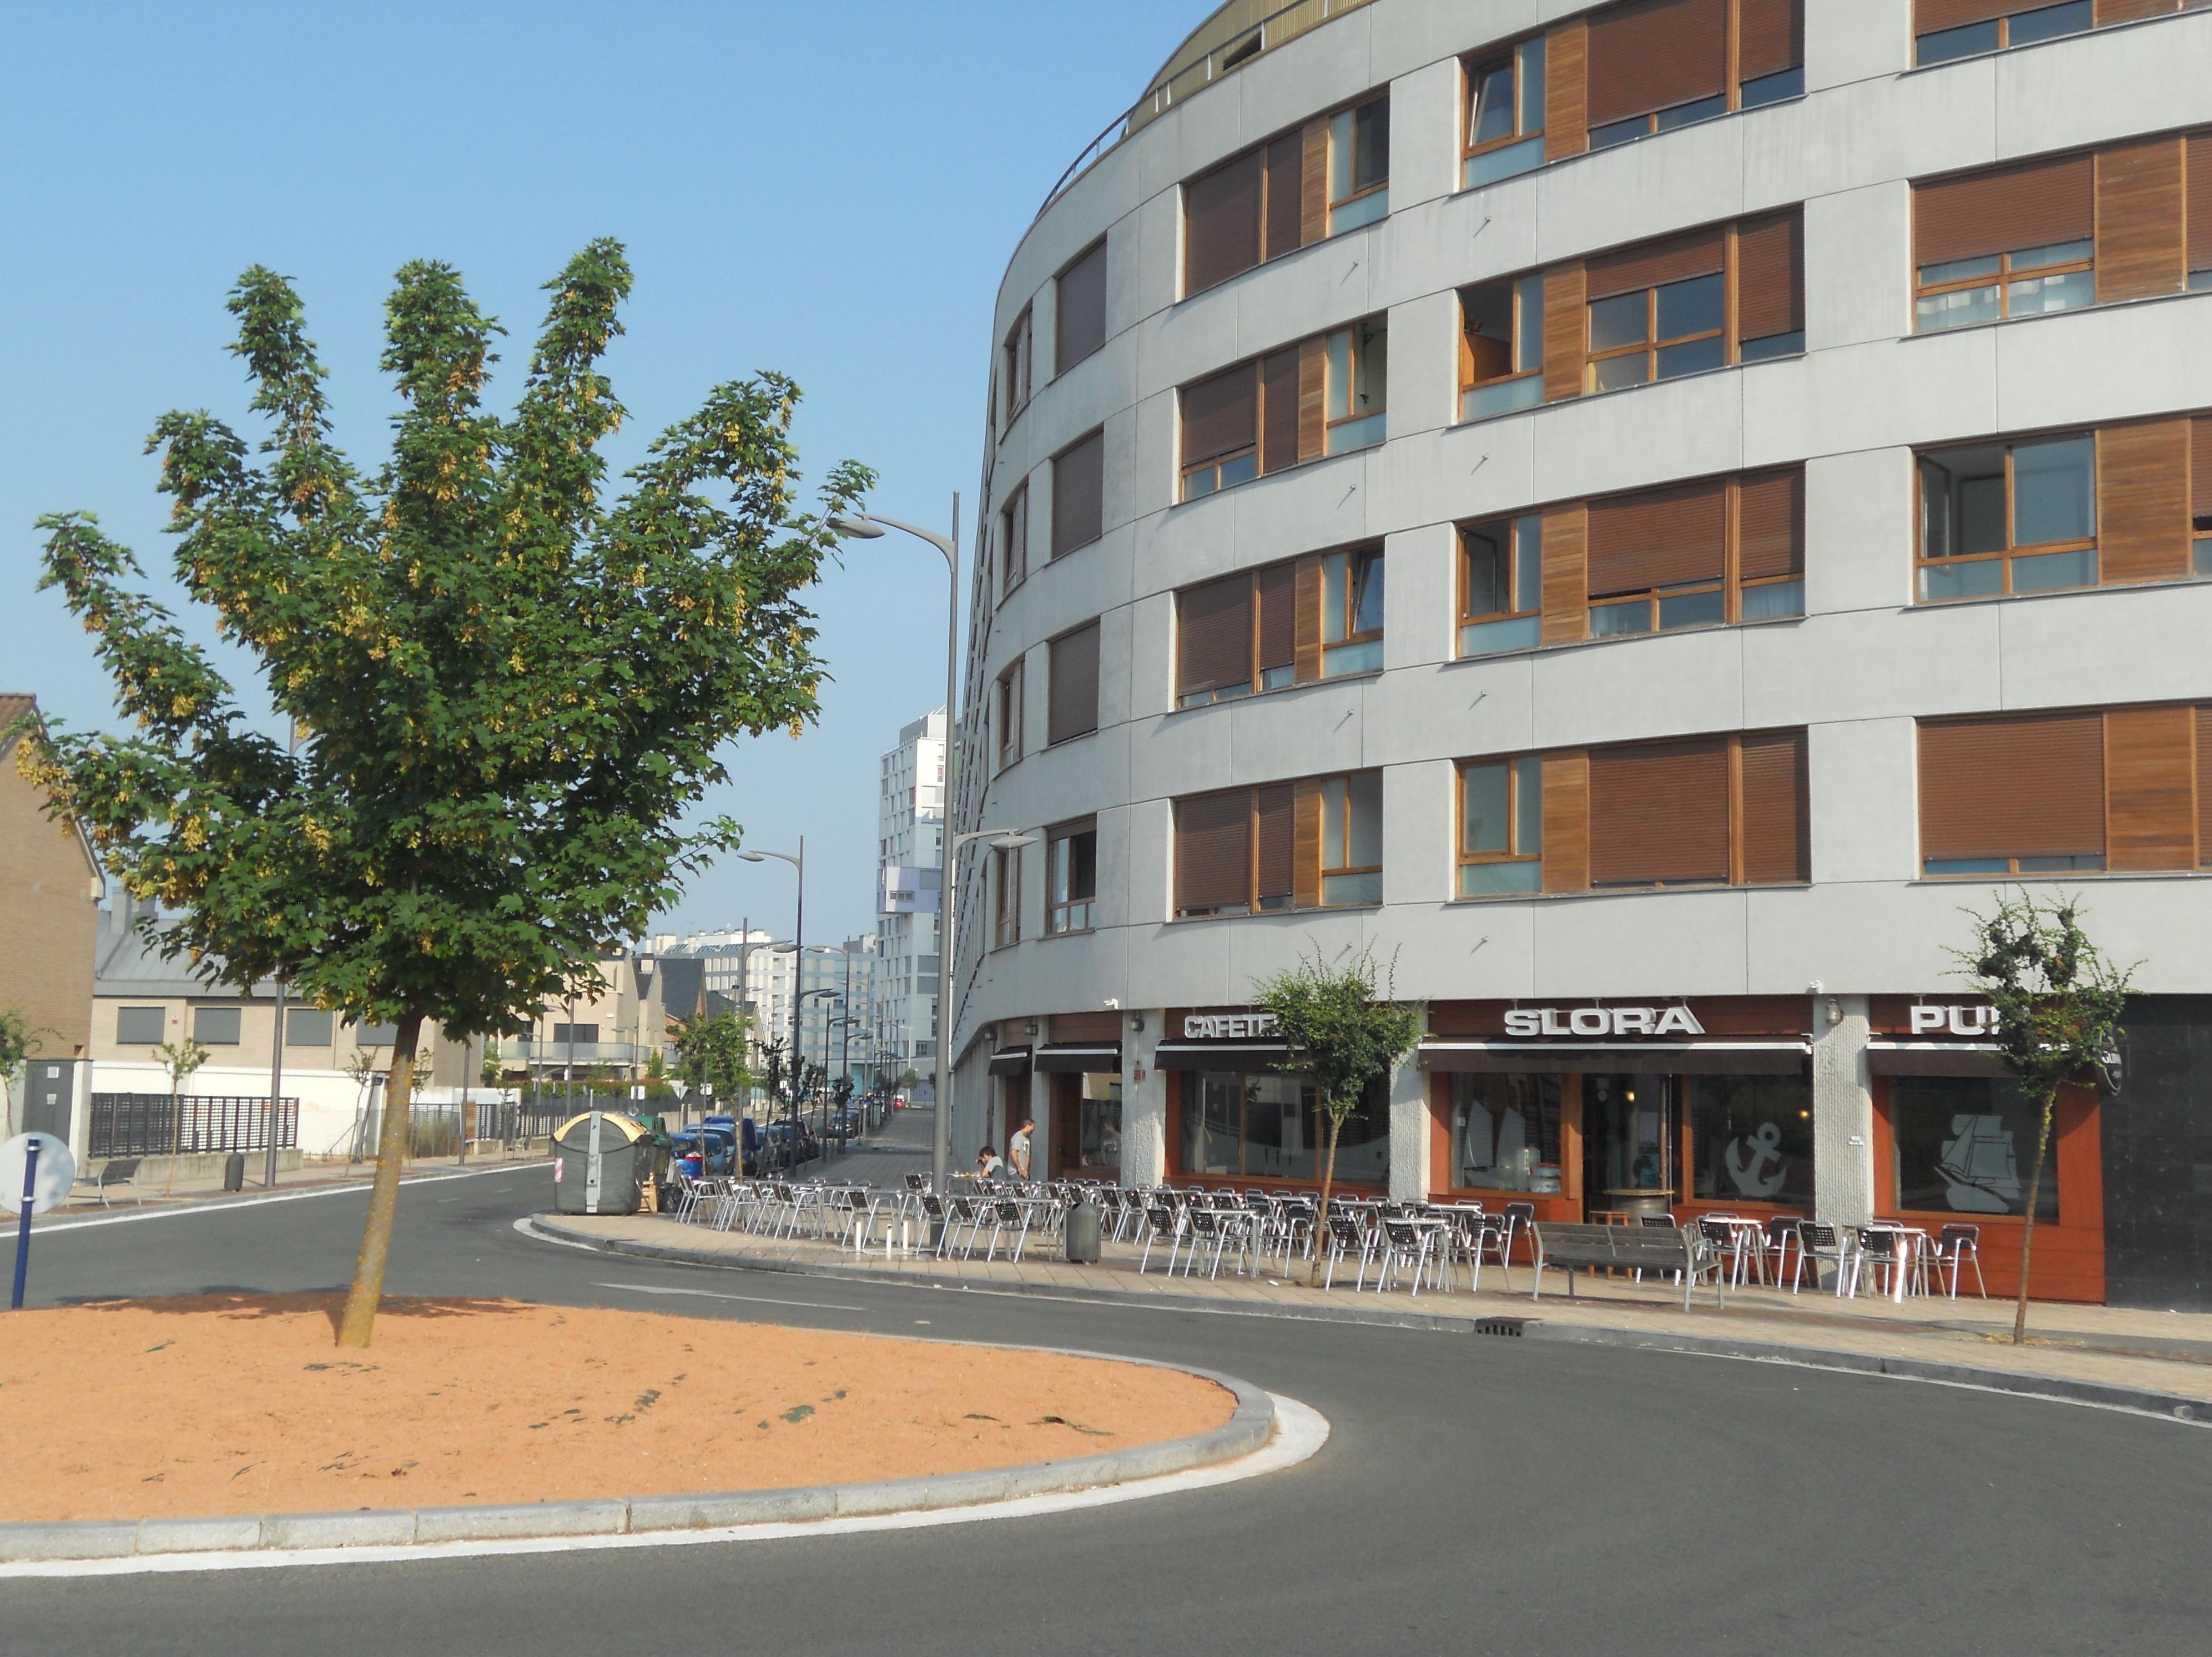 Foto 41 de Cafetería en Vitoria-Gasteiz | Slora